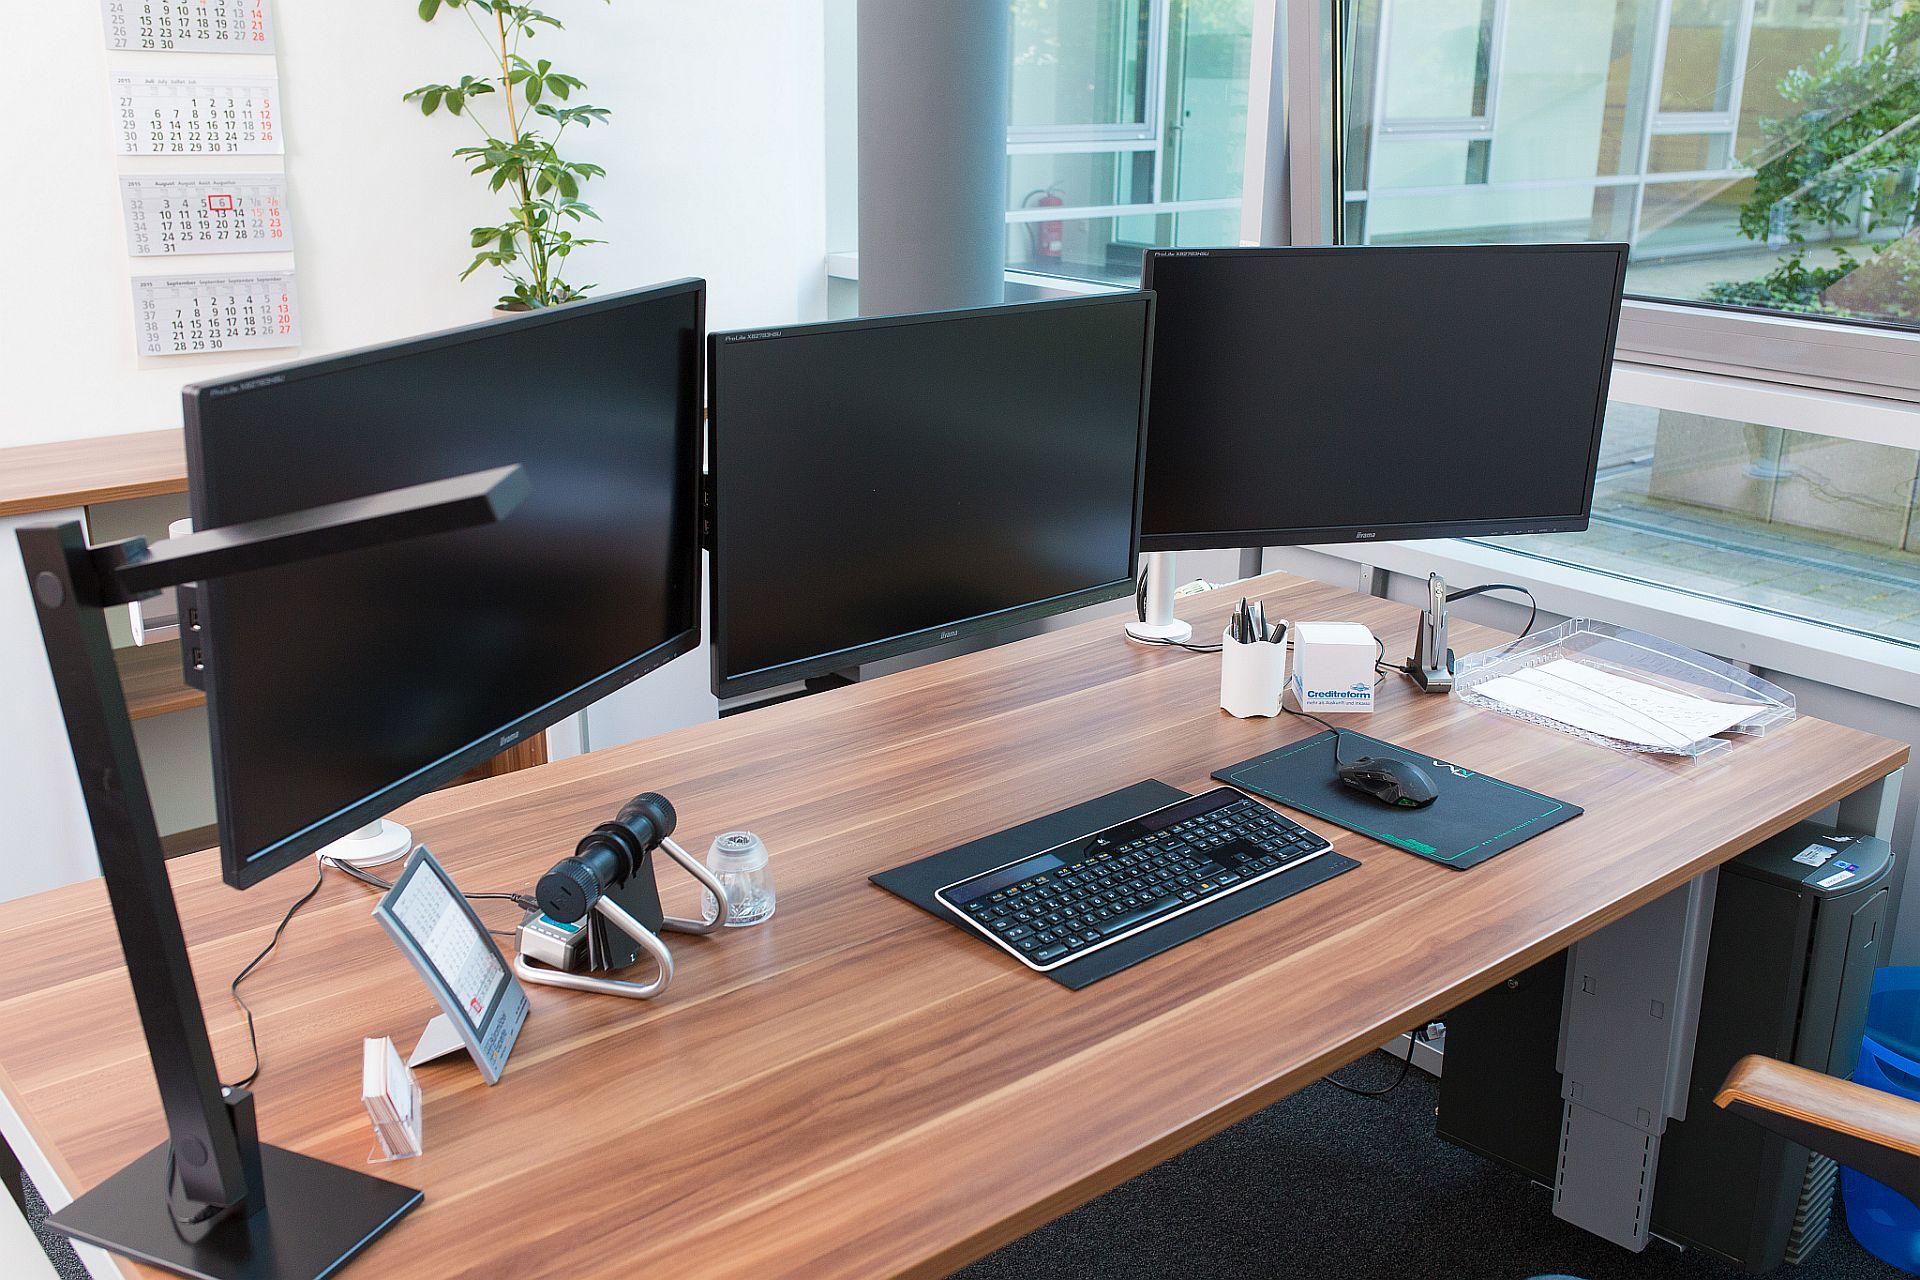 Mit 2 Bildschirmen produktiver & besser arbeiten